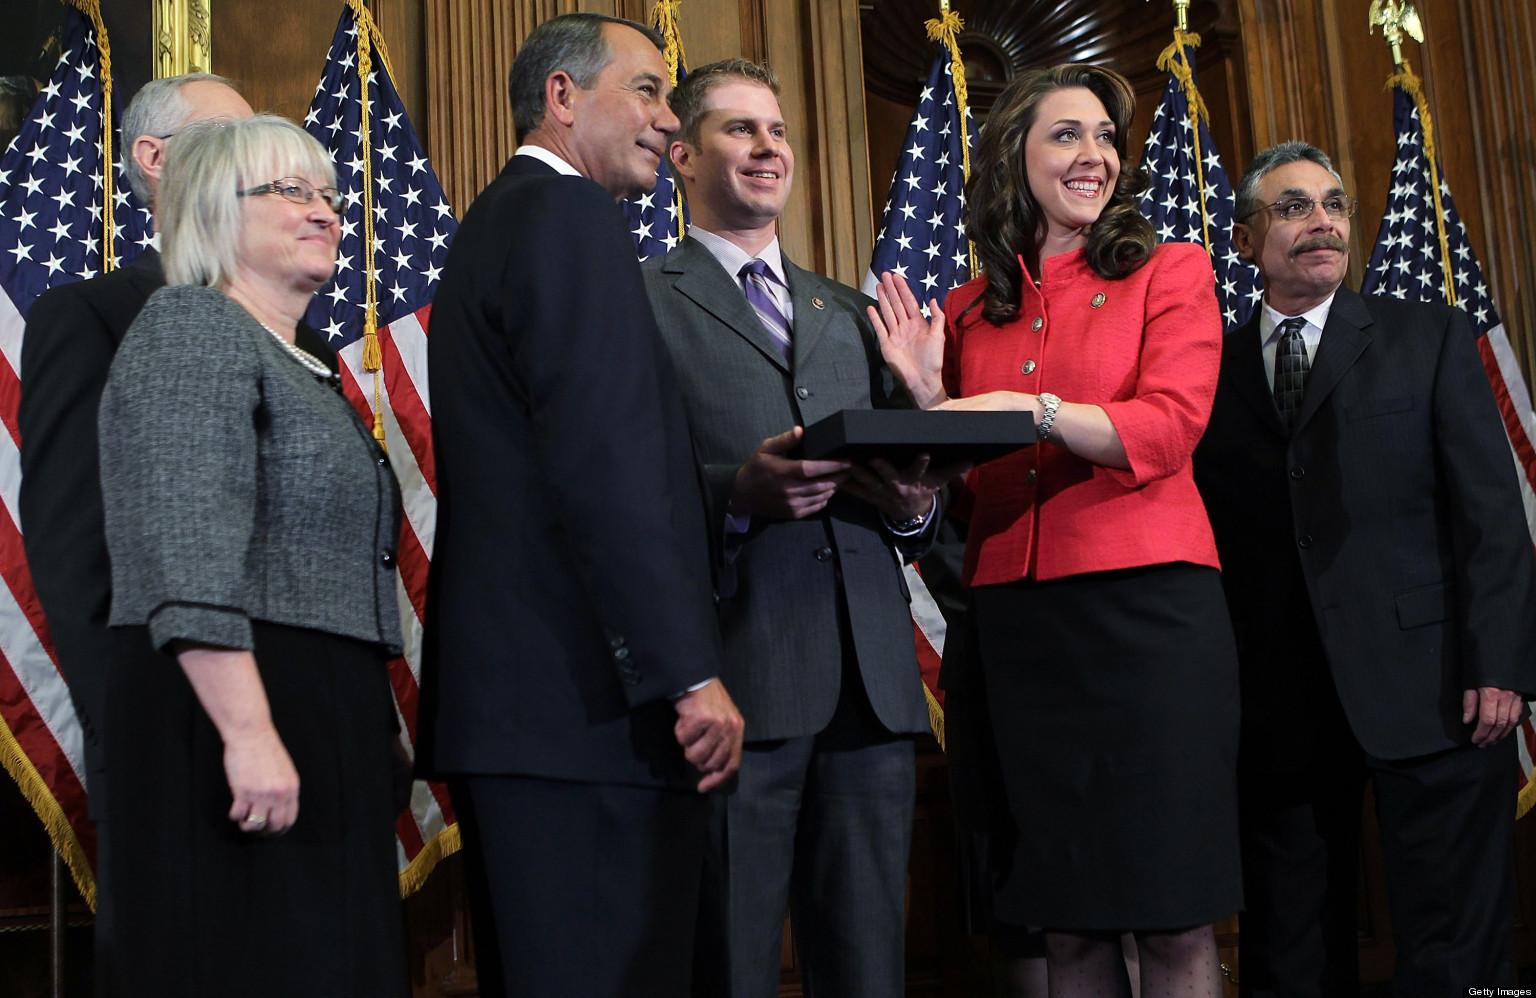 House Speaker John Boehner, R-Ohio, re-enacts the swearing in of Rep. Jaime Herrera Beutler, R-Camas, Jan. 5